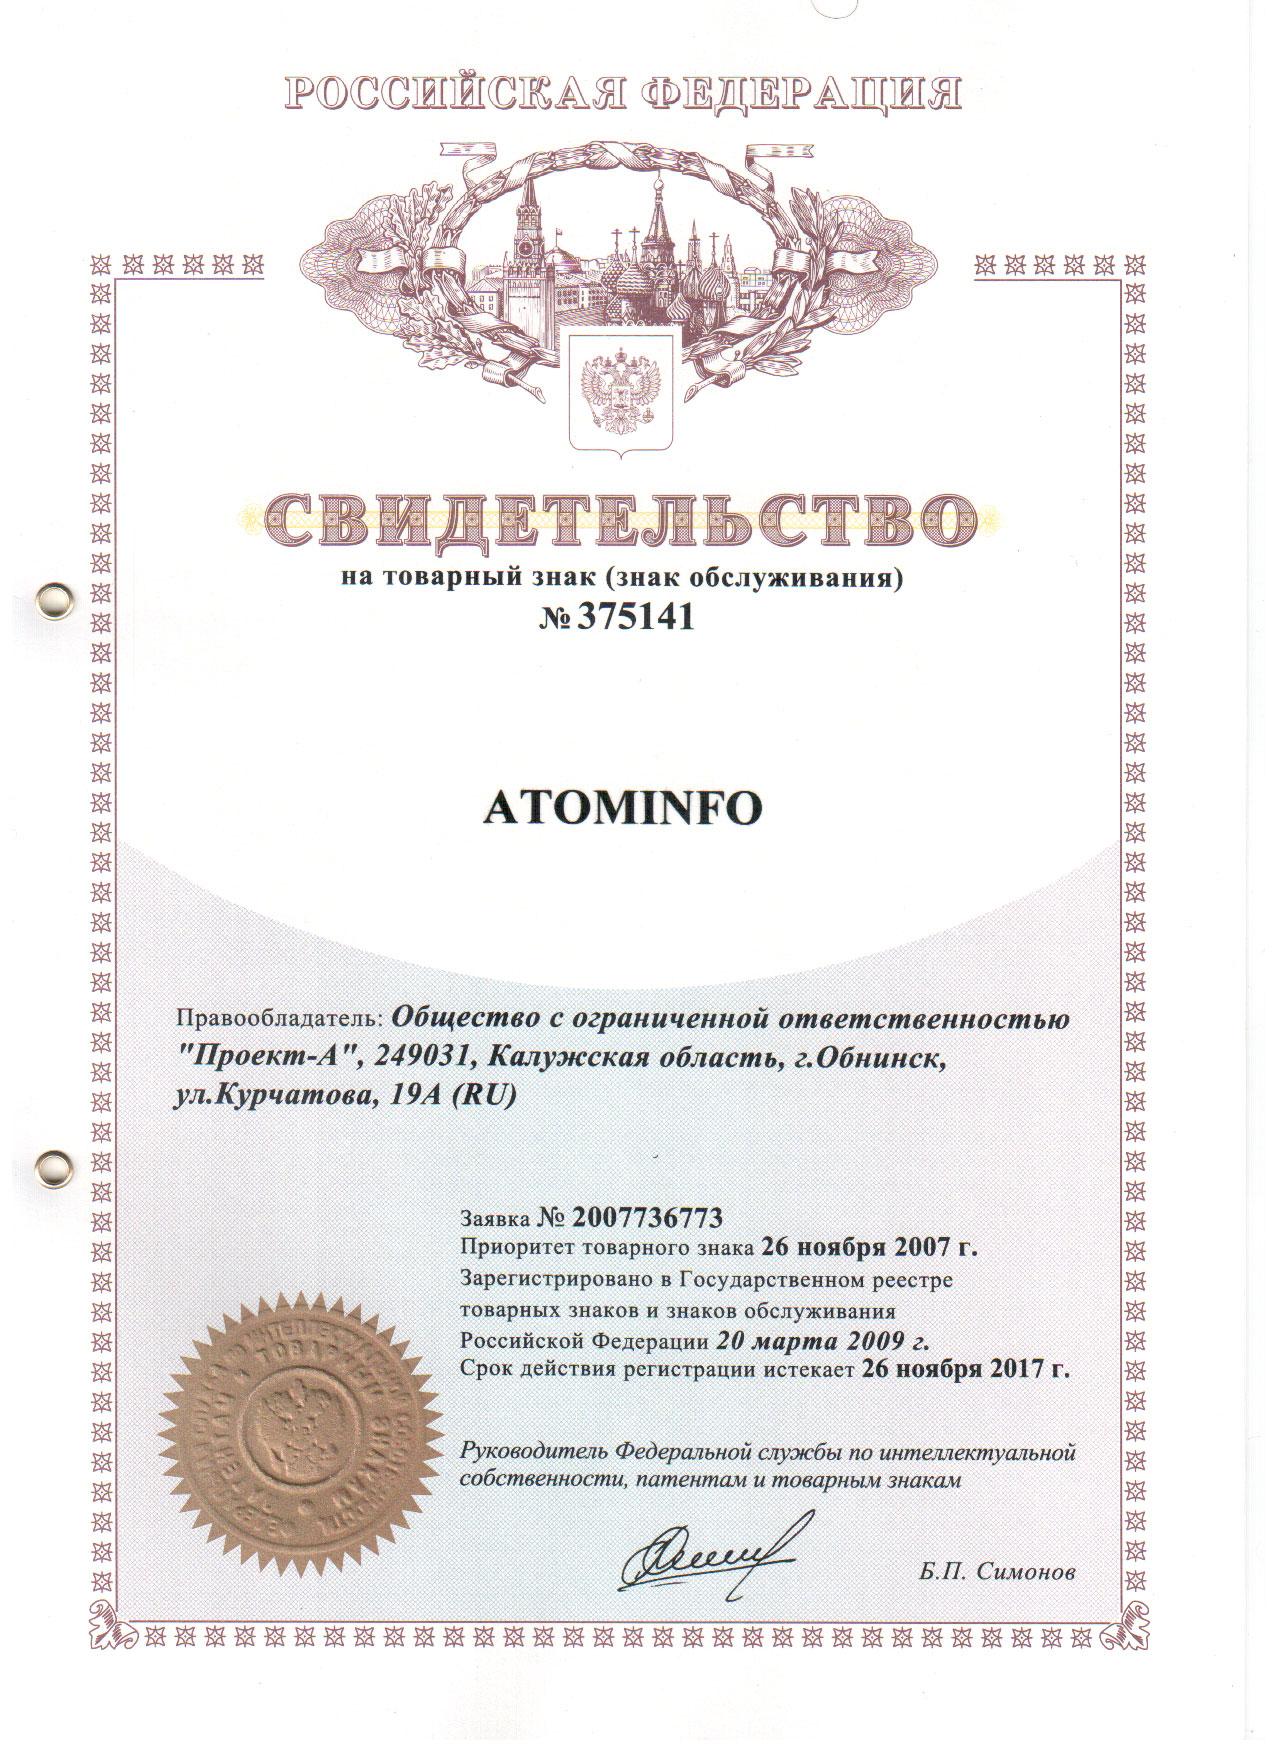 порядок регистрации и права пользования товарным знаком